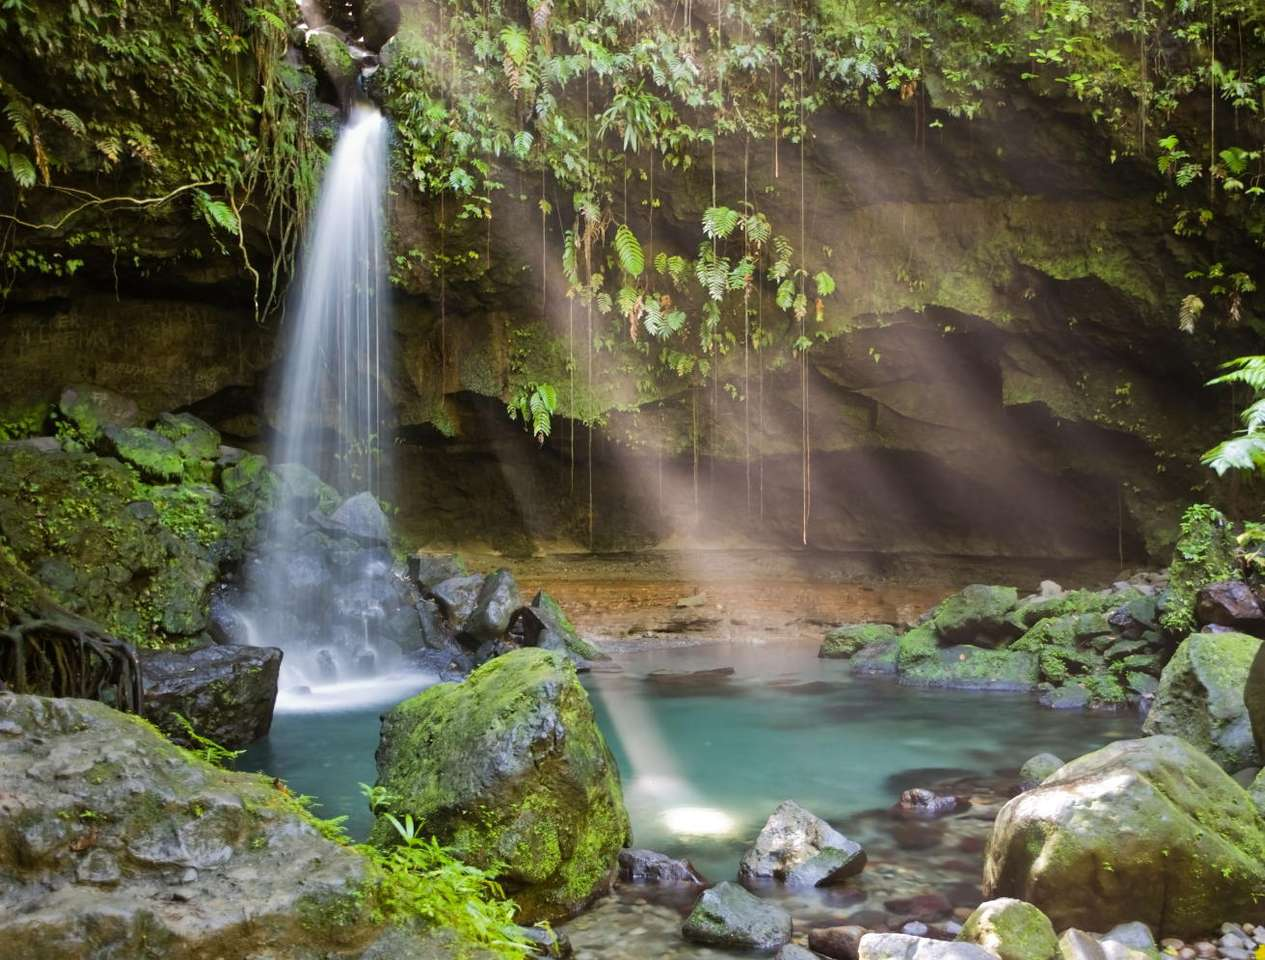 Mały wodospad - Mały wodospad otoczony bujną roślinnością, gdzieś na tropikalnej wyspie na Antylach (8×6)